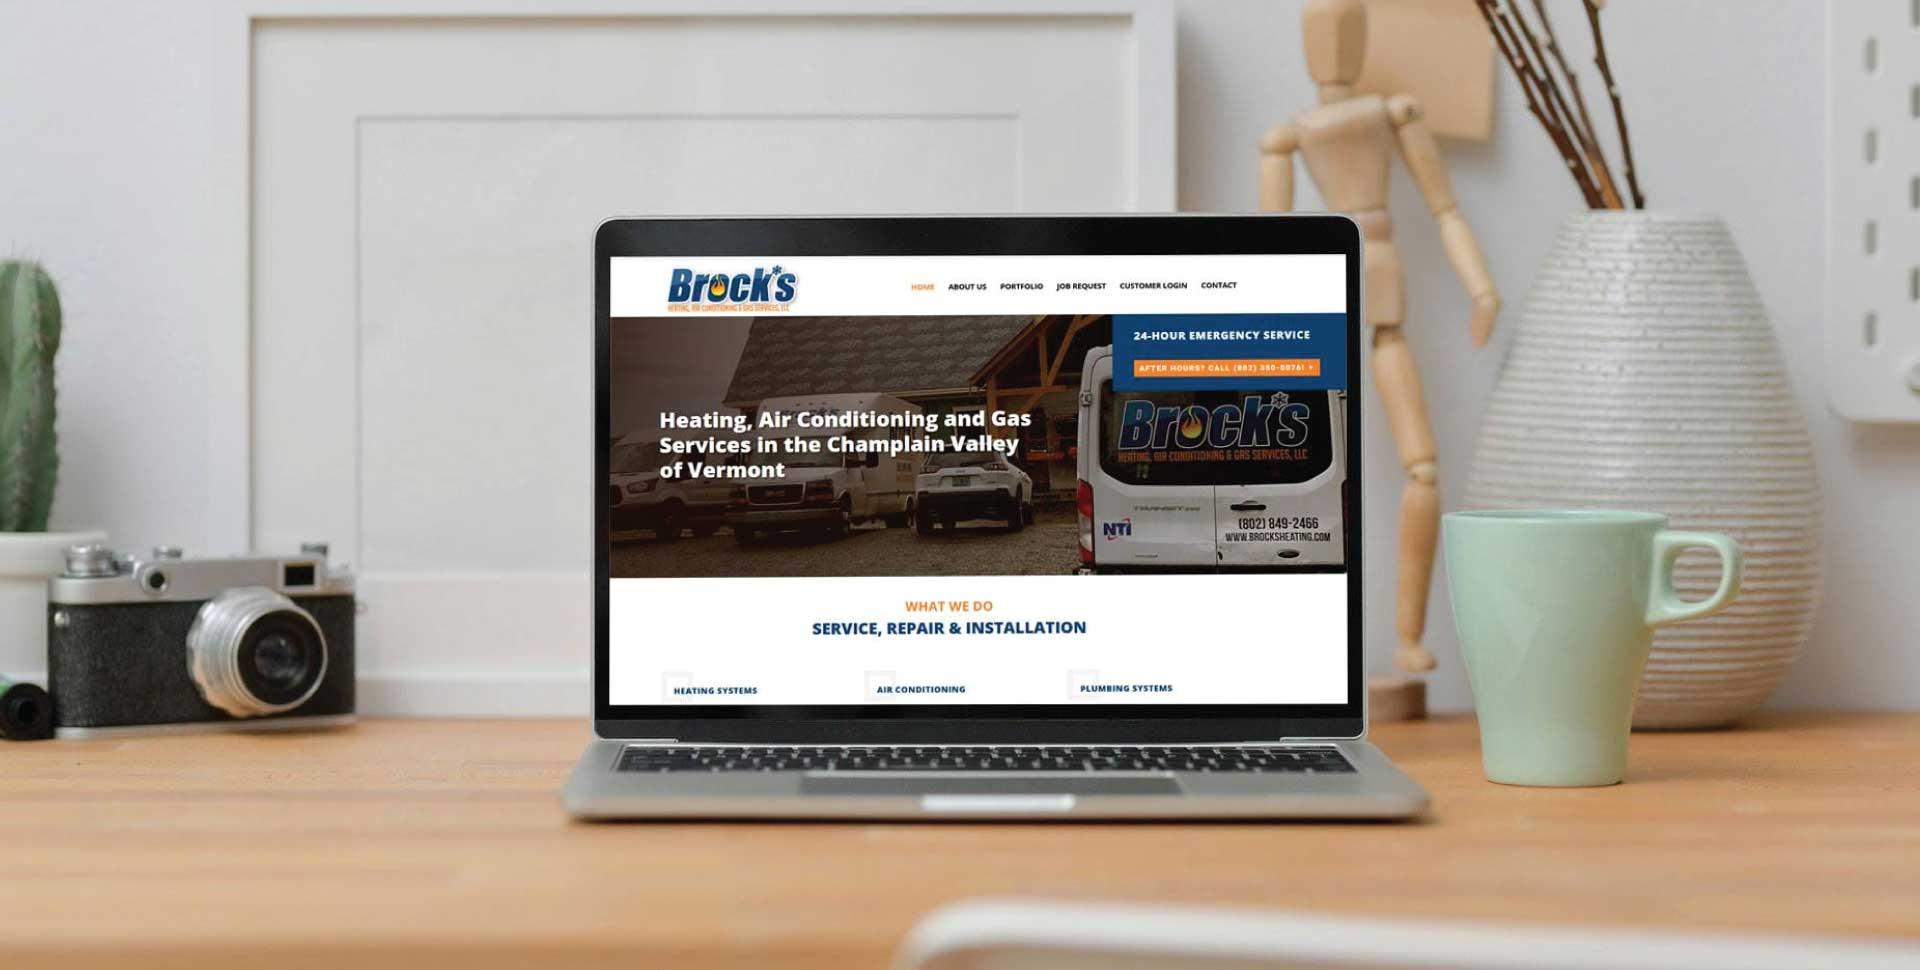 Brock's Heating Website Design